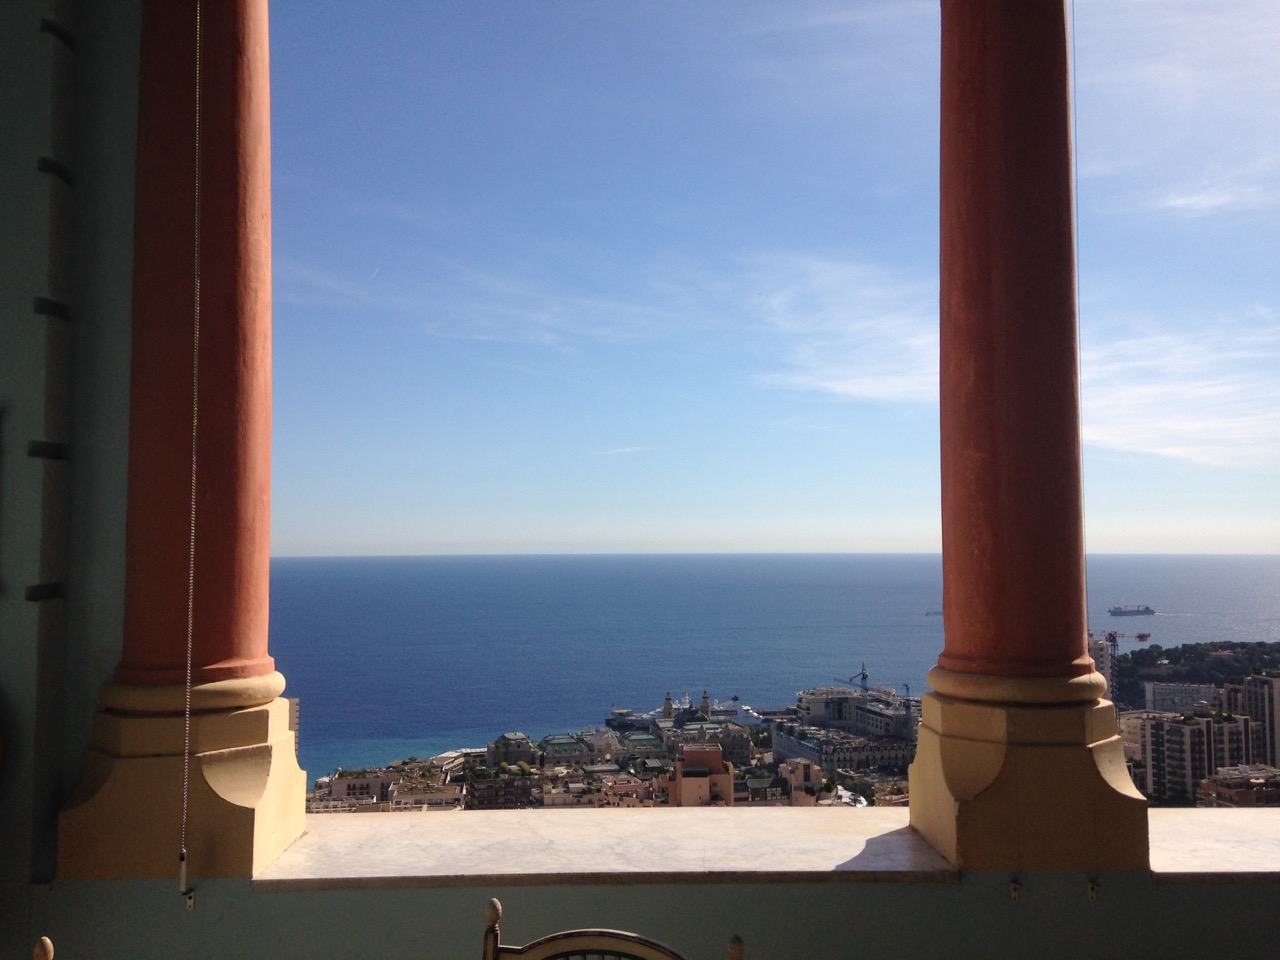 Beausoleil, l'après midi (ville frontalière Monaco) Riviera Palace, Colette